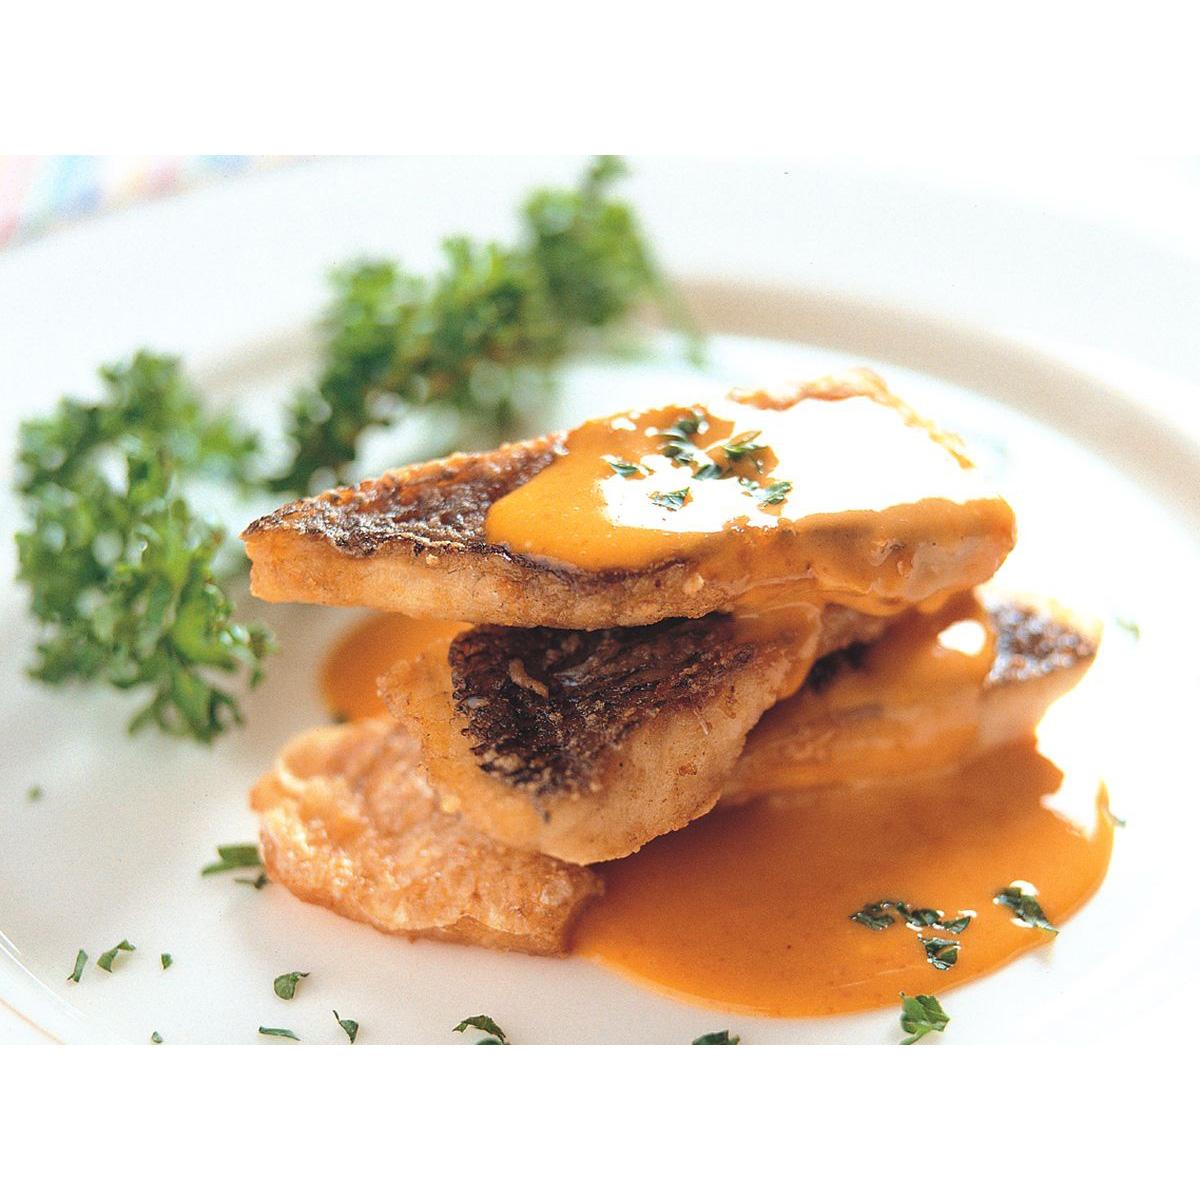 食譜:烤赤翅仔佐海膽蛋黃沙拉醬